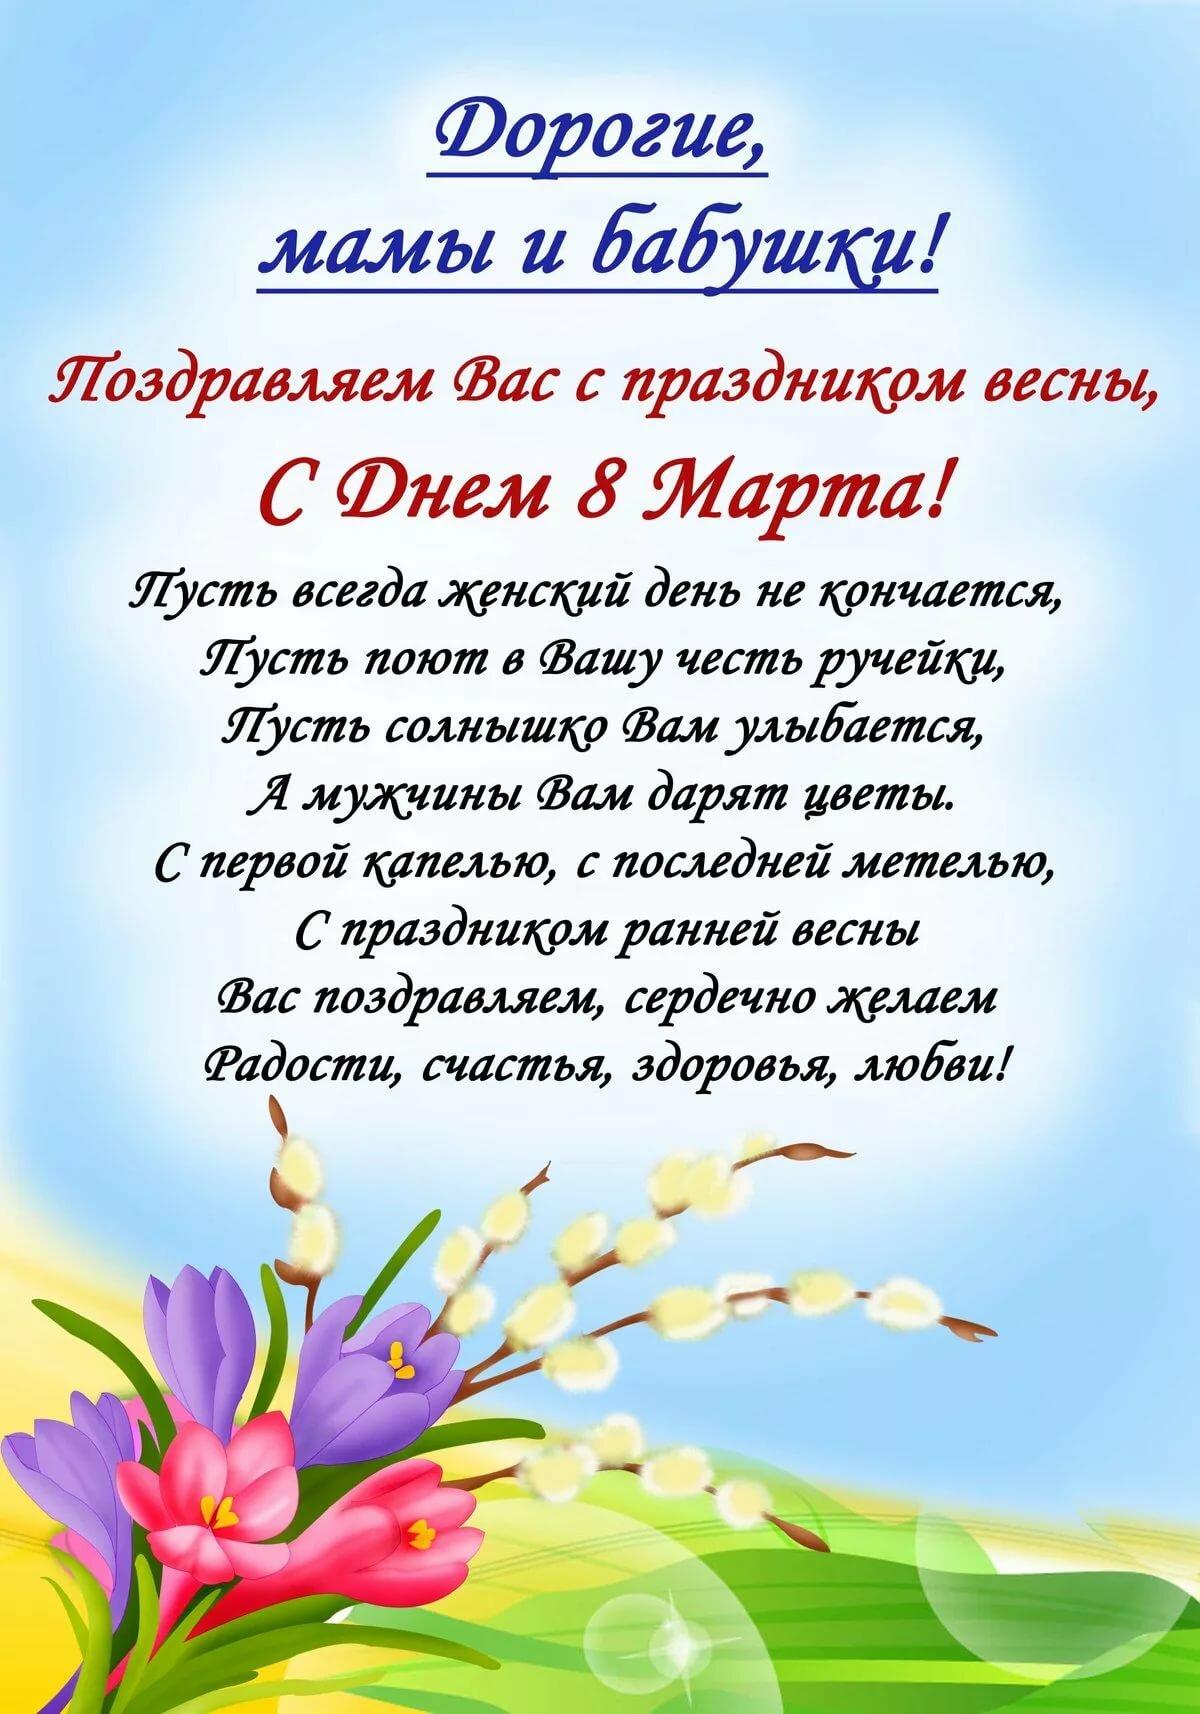 Картинки поздравления к 8 марта в доу, день хороший